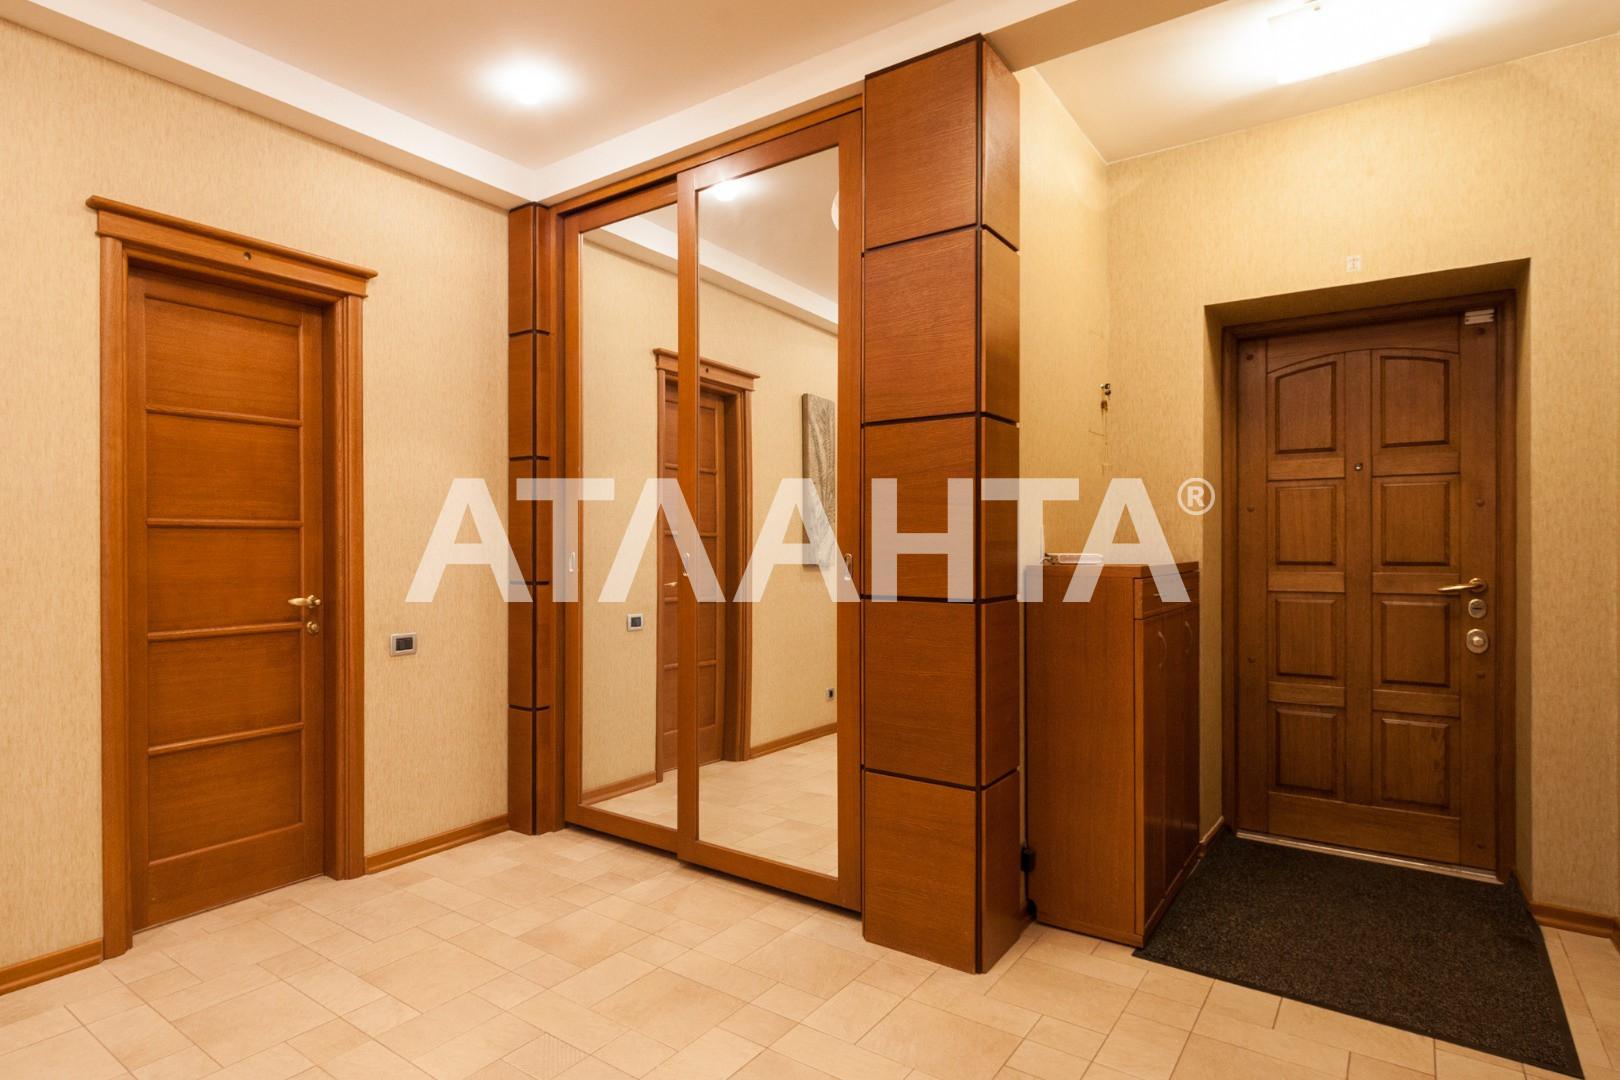 Продается 3-комнатная Квартира на ул. Педагогический Пер. — 230 000 у.е. (фото №8)